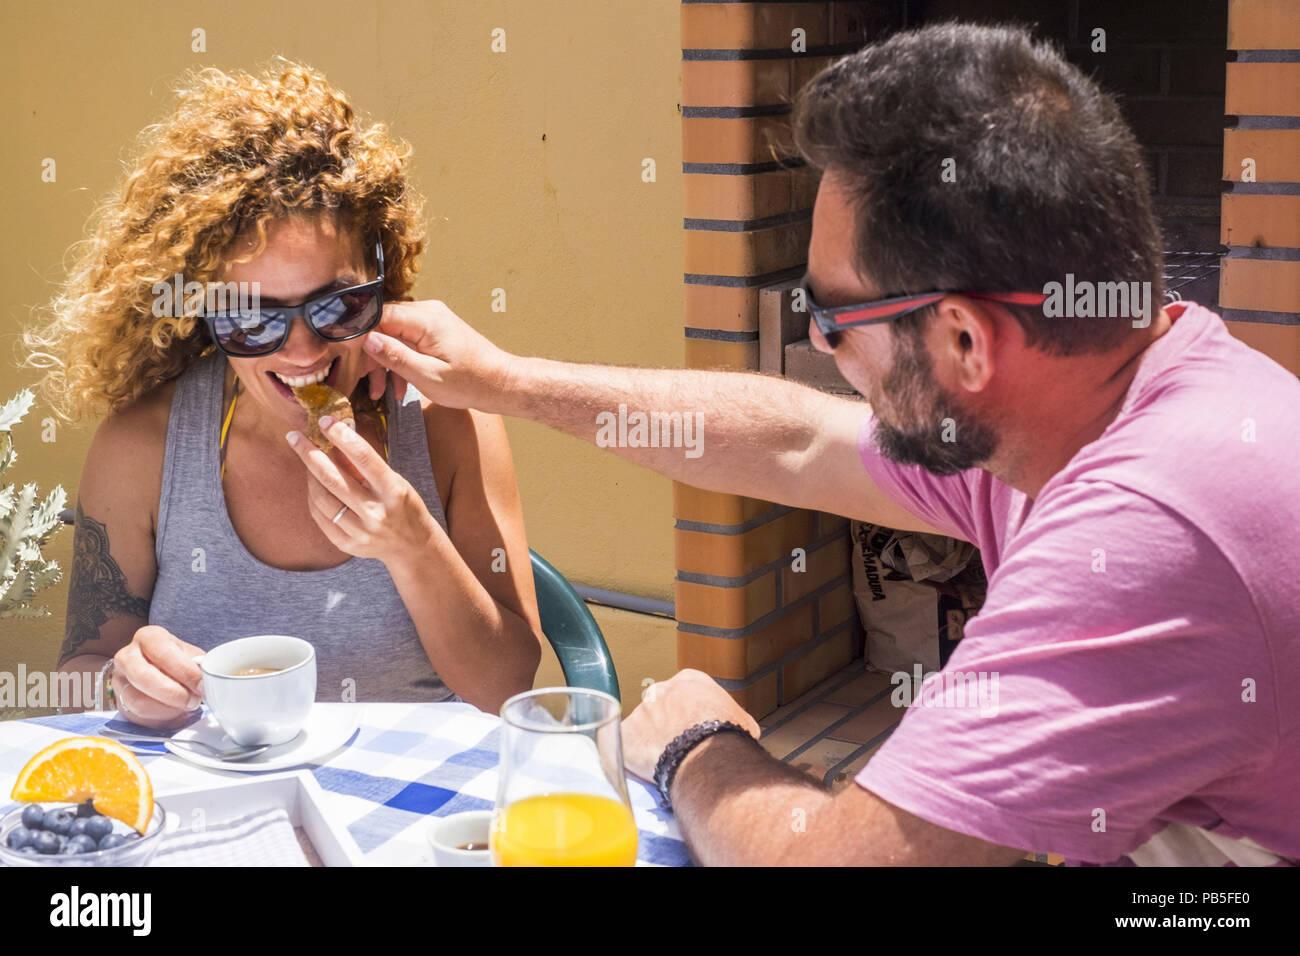 Feliz pareja de hombre y mujer casada y en relación desayunar juntos en la soleada mañana en casa fuera. sonrisa y alegre con tienden Imagen De Stock